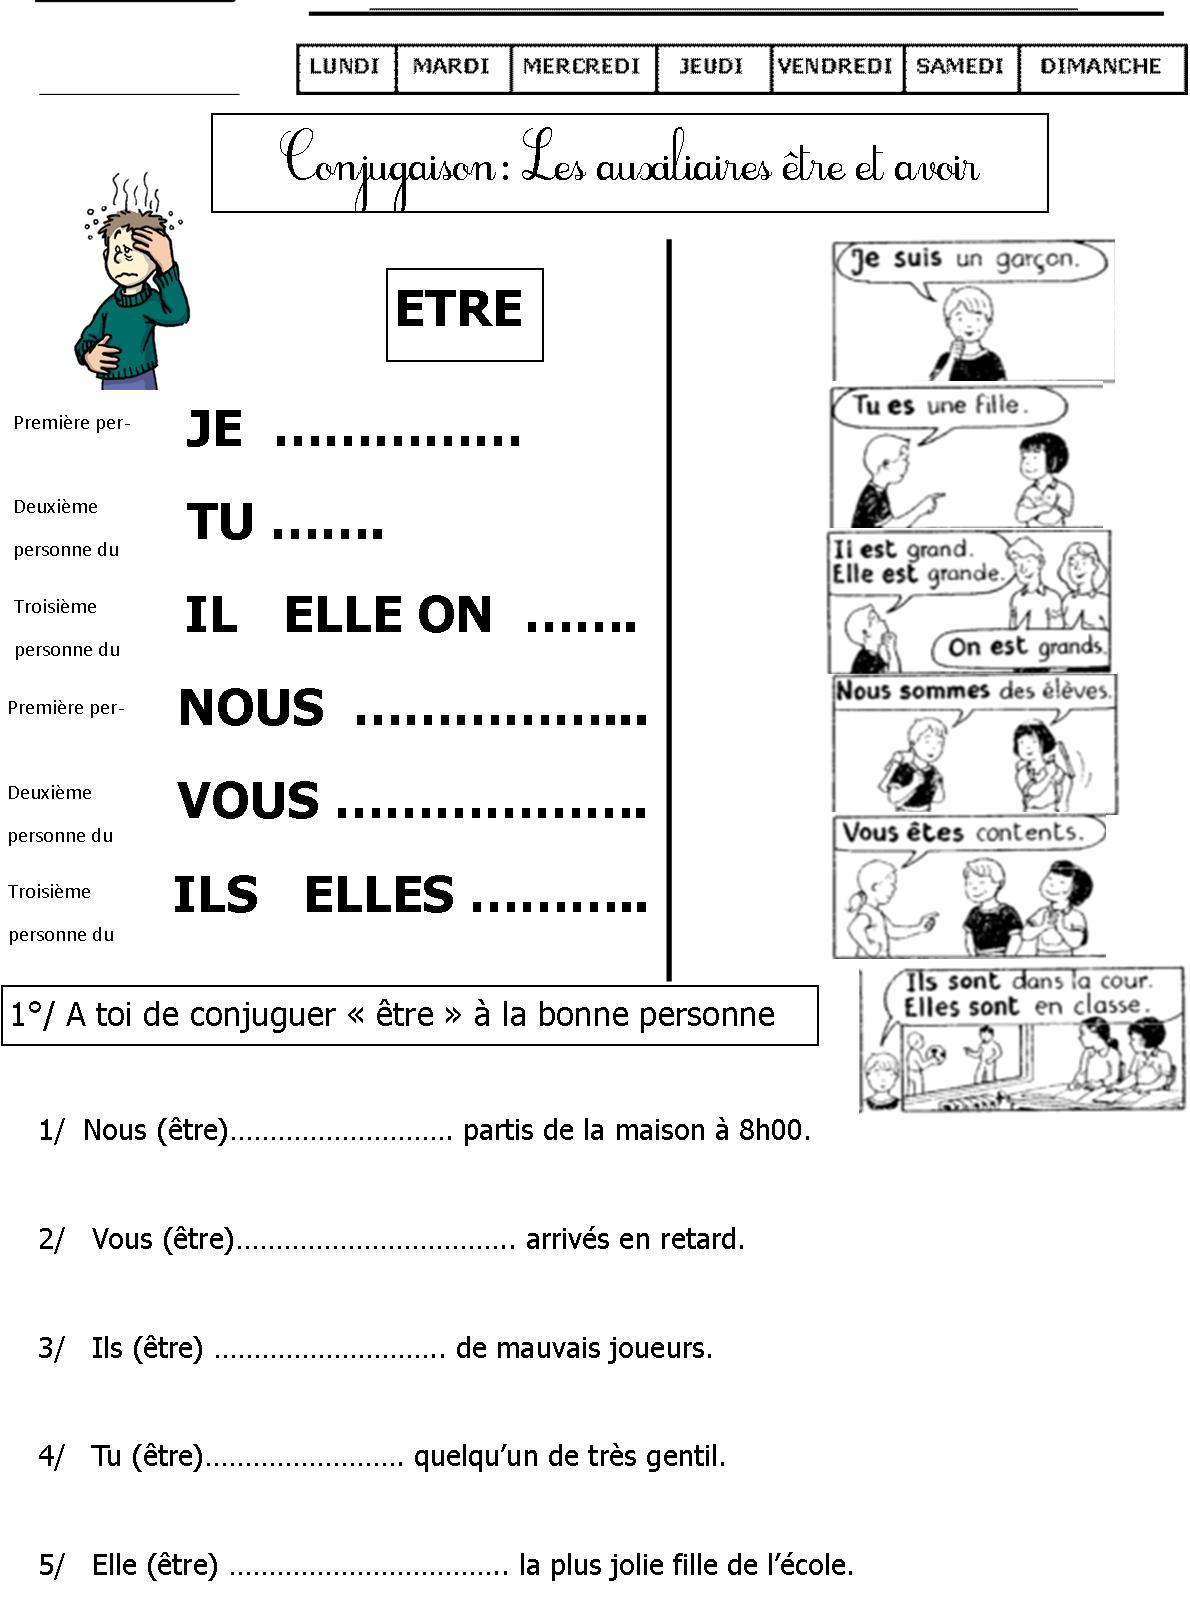 Exercices De Conjugaison Ce1 | Le Blog De Monsieur Mathieu encequiconcerne Exercice Gratuit Ce1